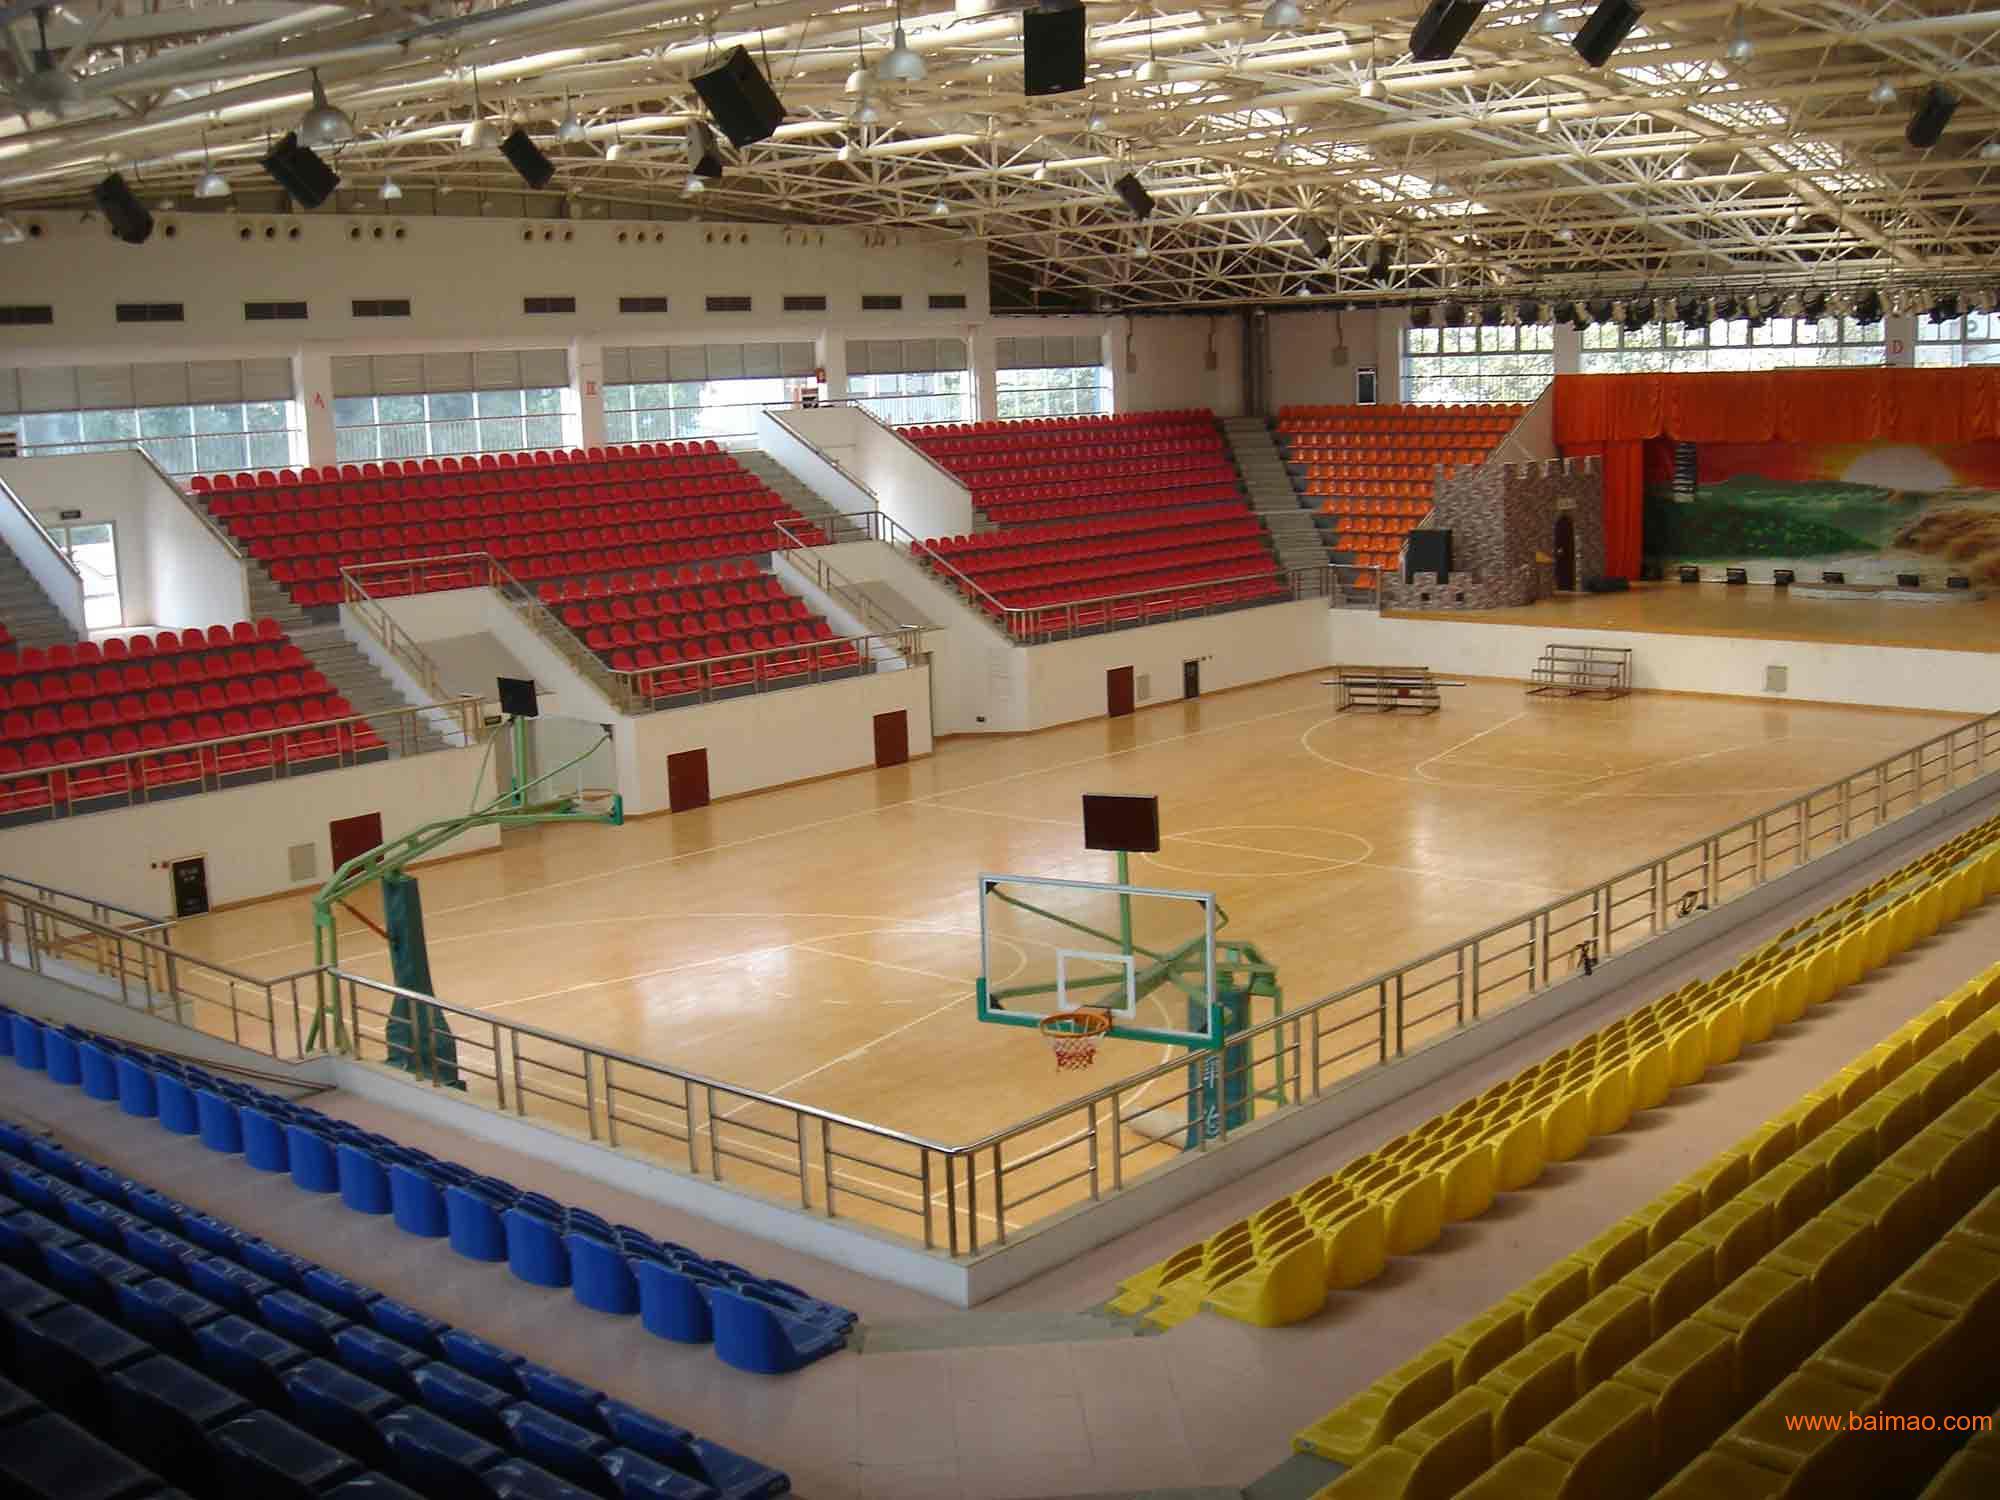 上海体育馆运动木地板面层地板的技术要求和检验方法